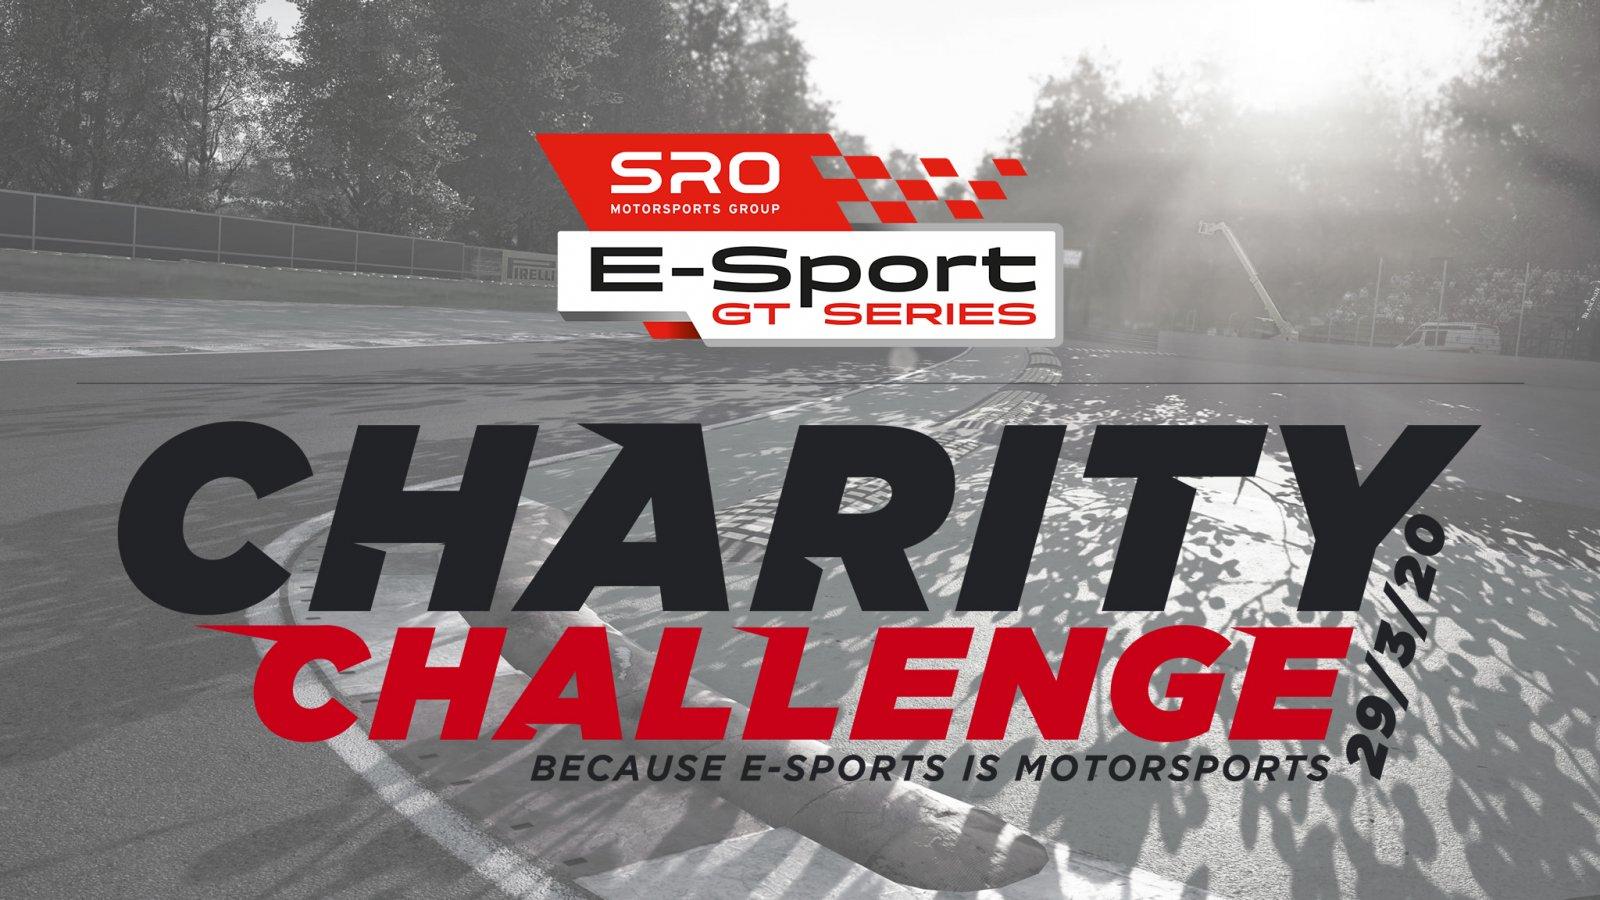 SRO E-Sports GT Series, Kunos Simulazioni and Ak Informatica to stage two-hour Assetto Corsa Competizione race at Monza